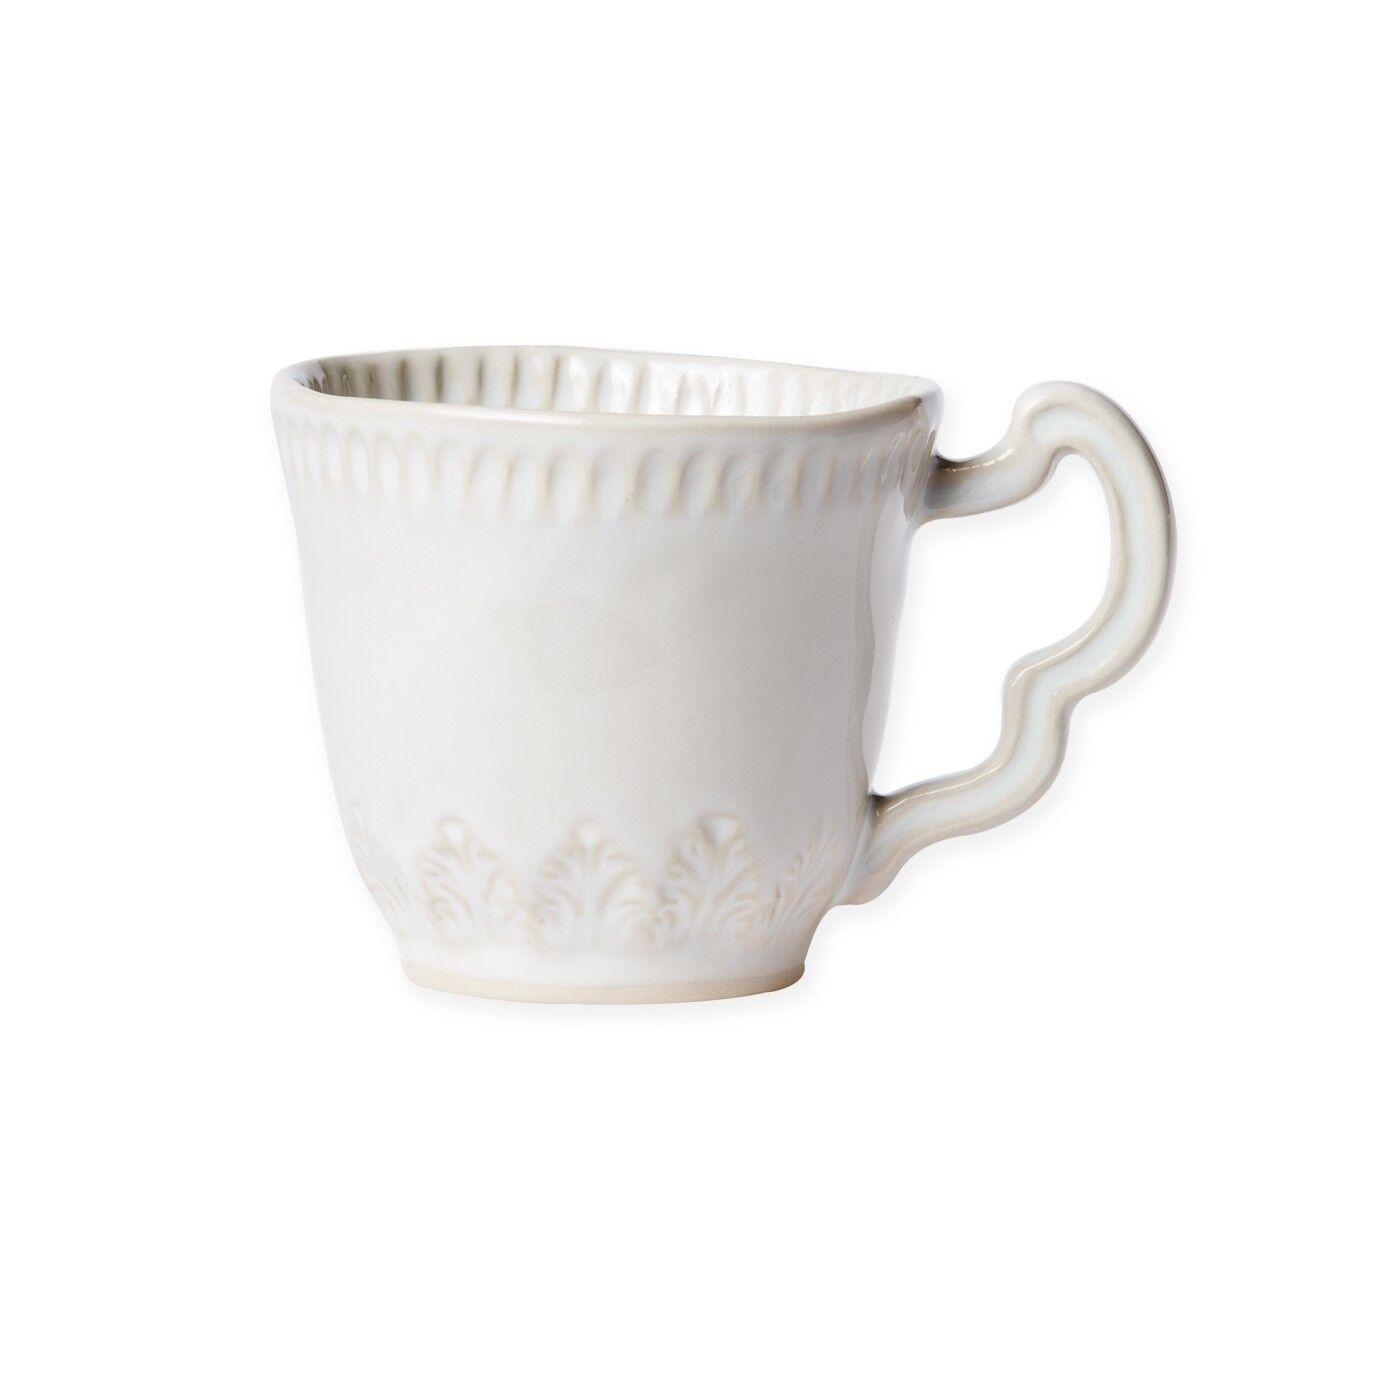 Vietri Incanto Stone Linen Leaf Mug Mug Mug - Set of 4 909e6f